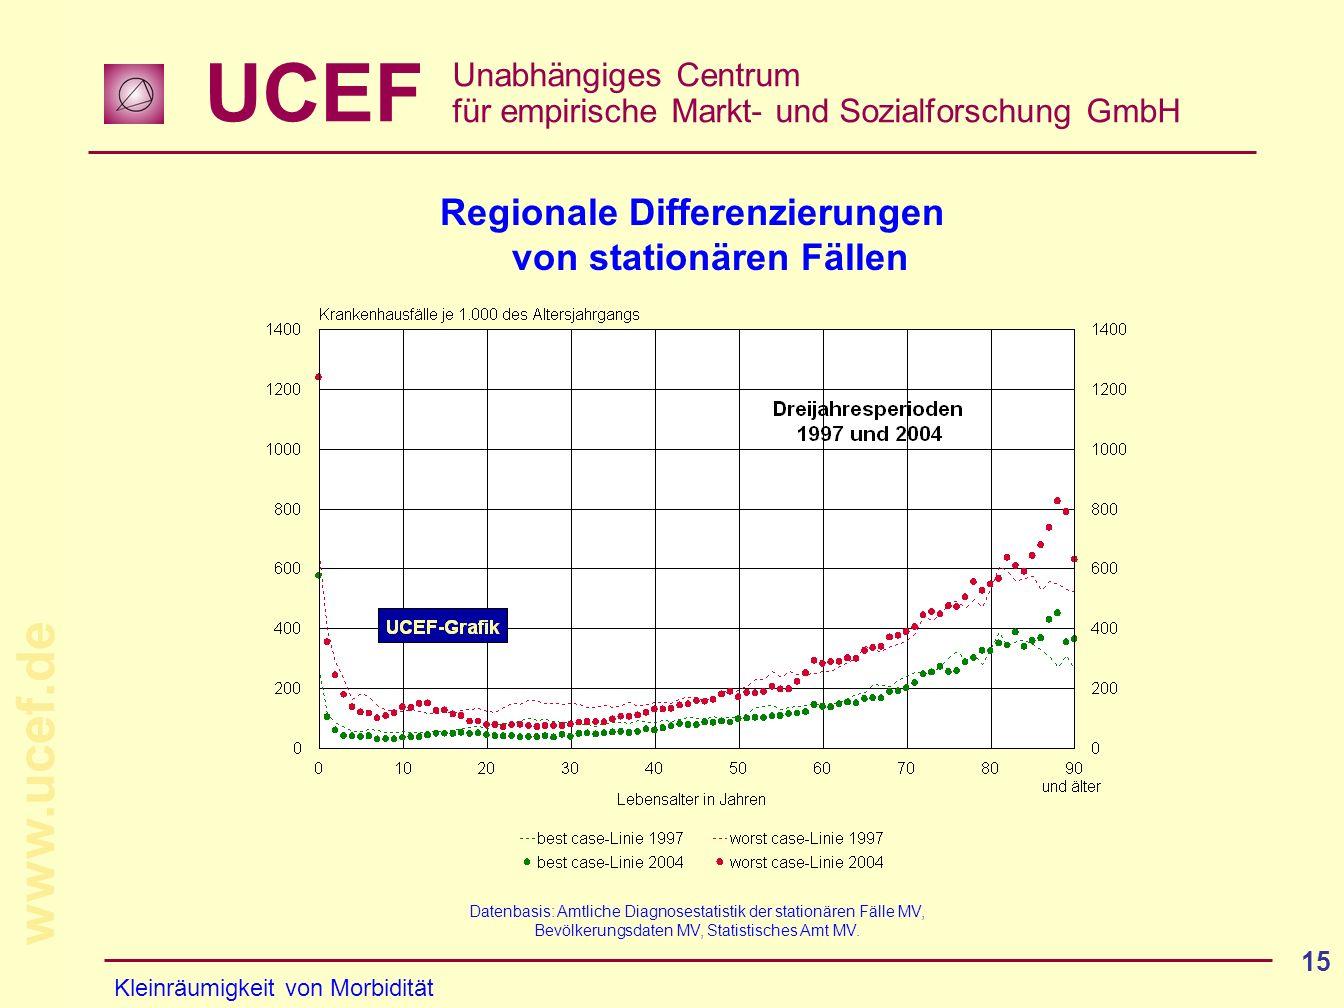 UCEF Unabhängiges Centrum für empirische Markt- und Sozialforschung GmbH www.ucef.de 15 Datenbasis: Amtliche Diagnosestatistik der stationären Fälle M